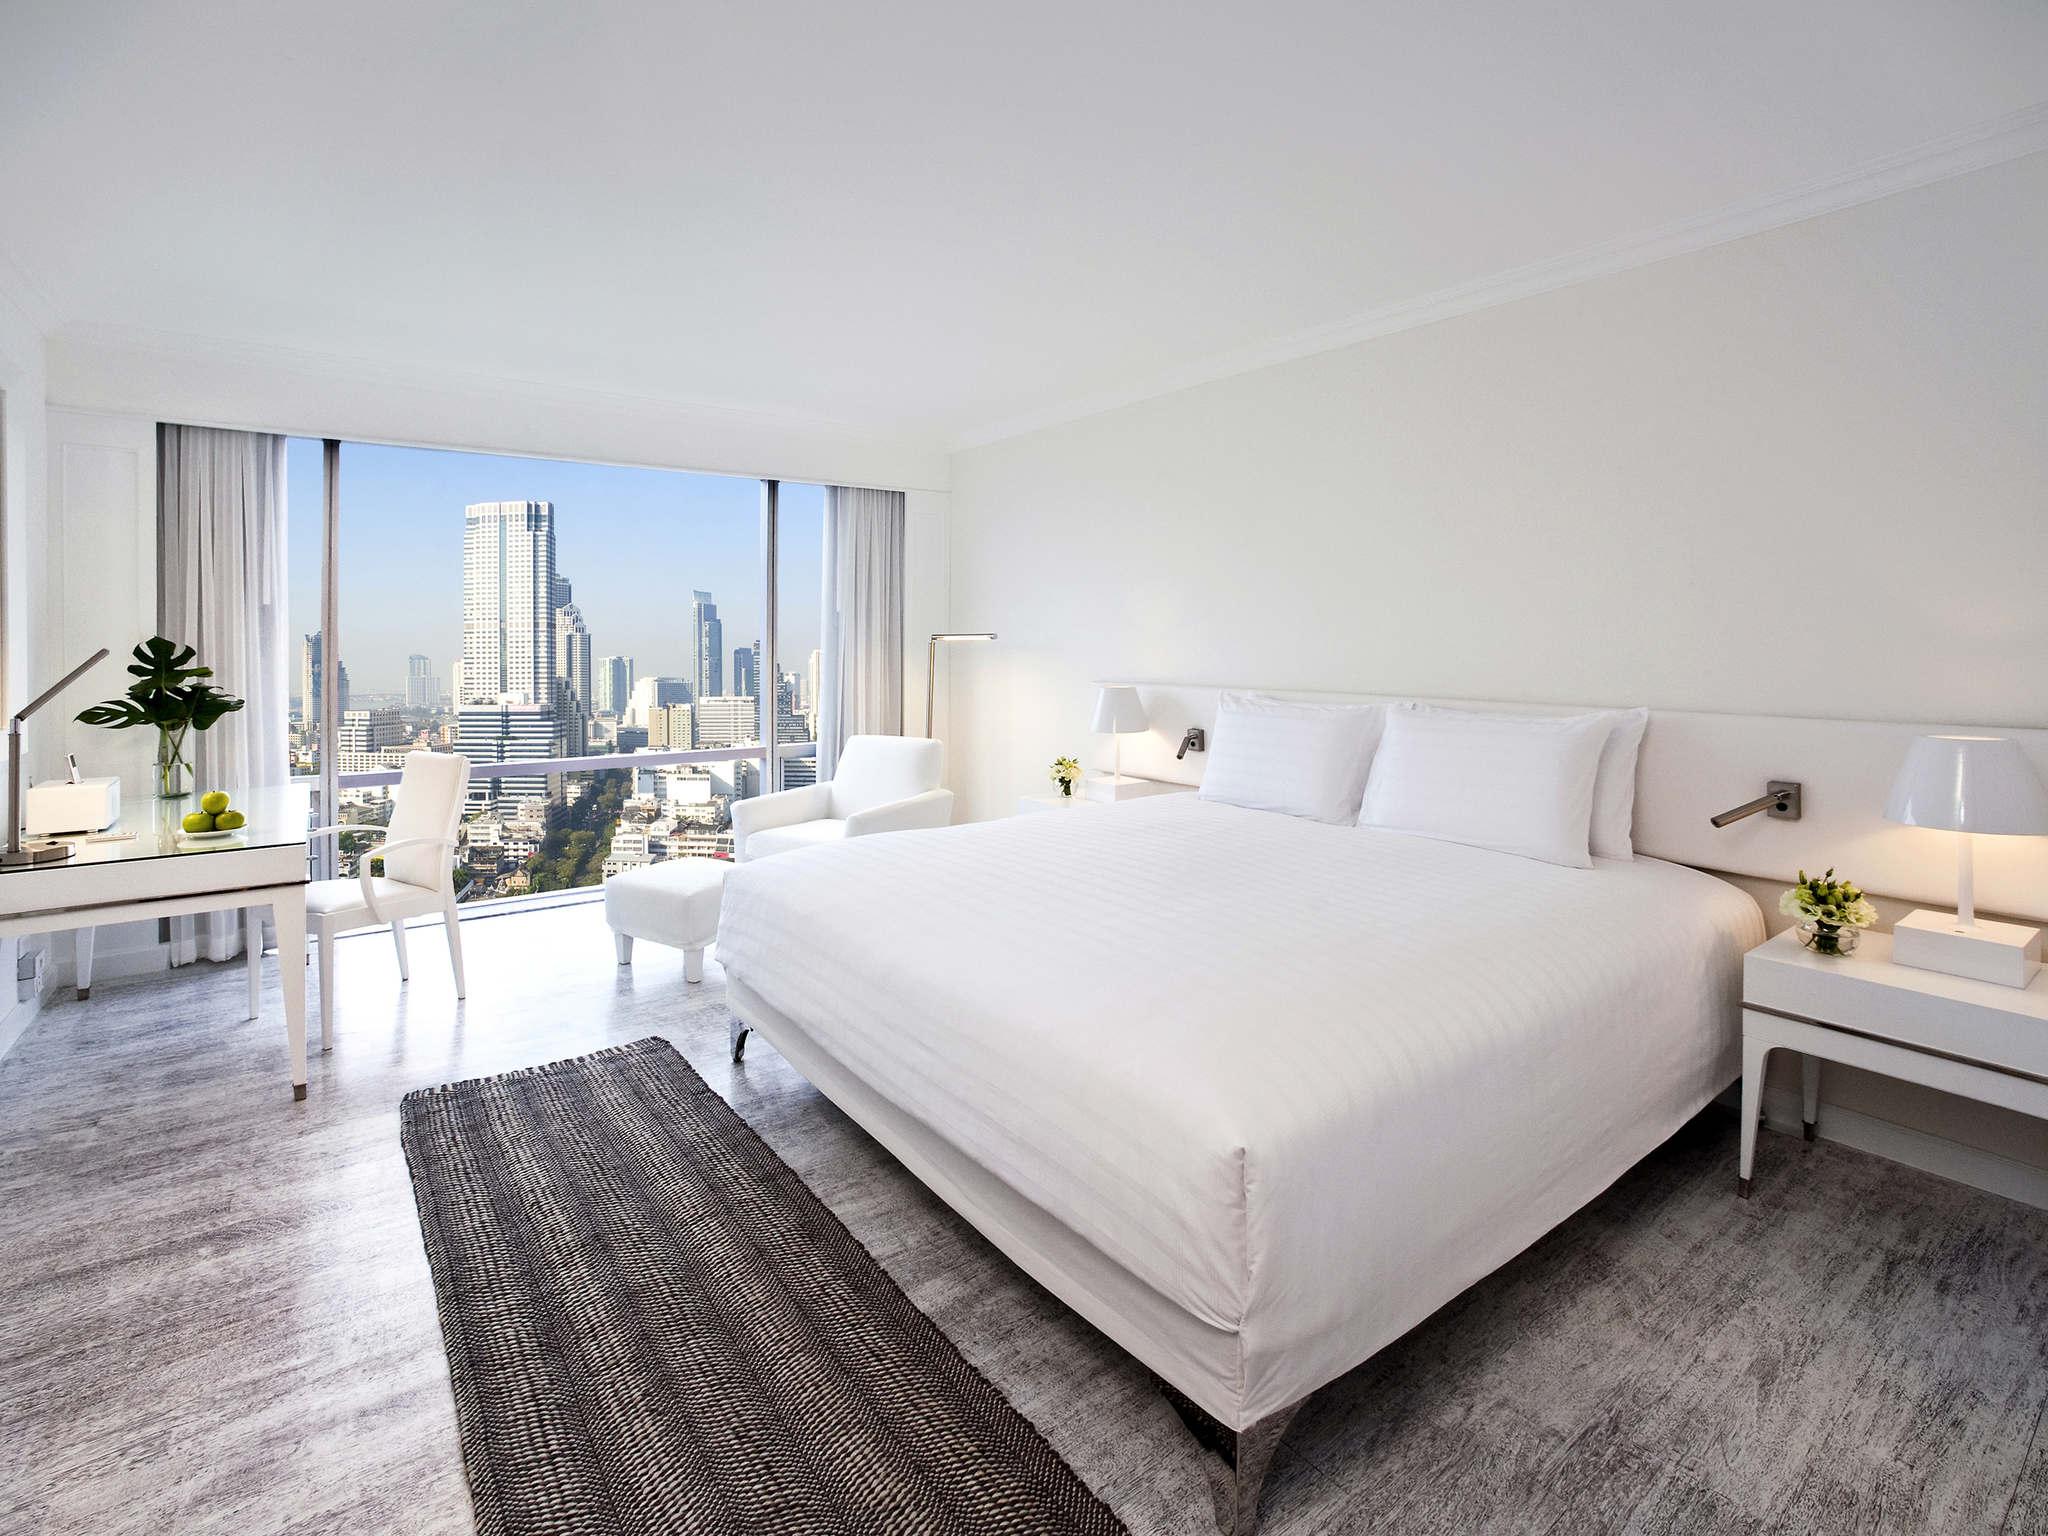 โรงแรม – โรงแรมพูลแมน กรุงเทพ จี